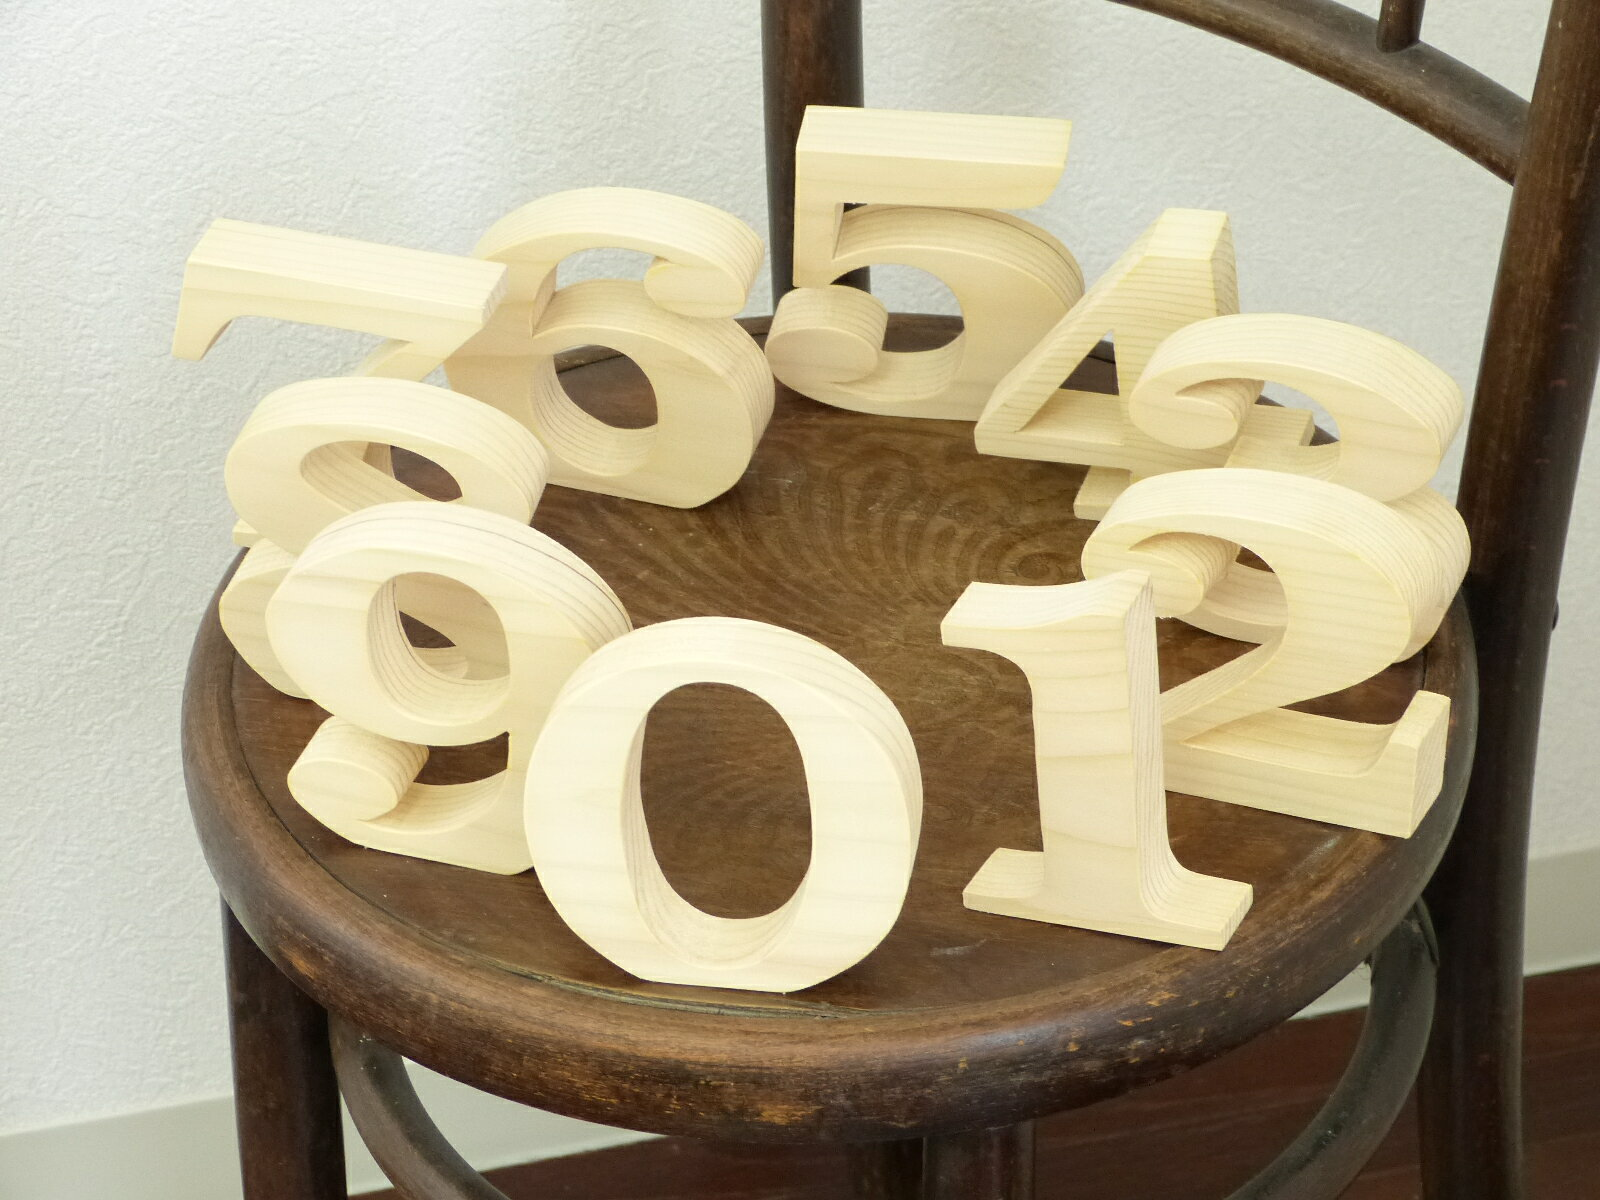 数字 オブジェ 高さ10センチ インテリア ラッキーナンバー 木製【送料無料】【北海道産のパイン材 数字オブジェ100 】 全て自立 数字 文字 ディスプレイ 結婚式 ウエディング 記念品 木製 置物 1 2 3 4 5 6 7 8 9 0